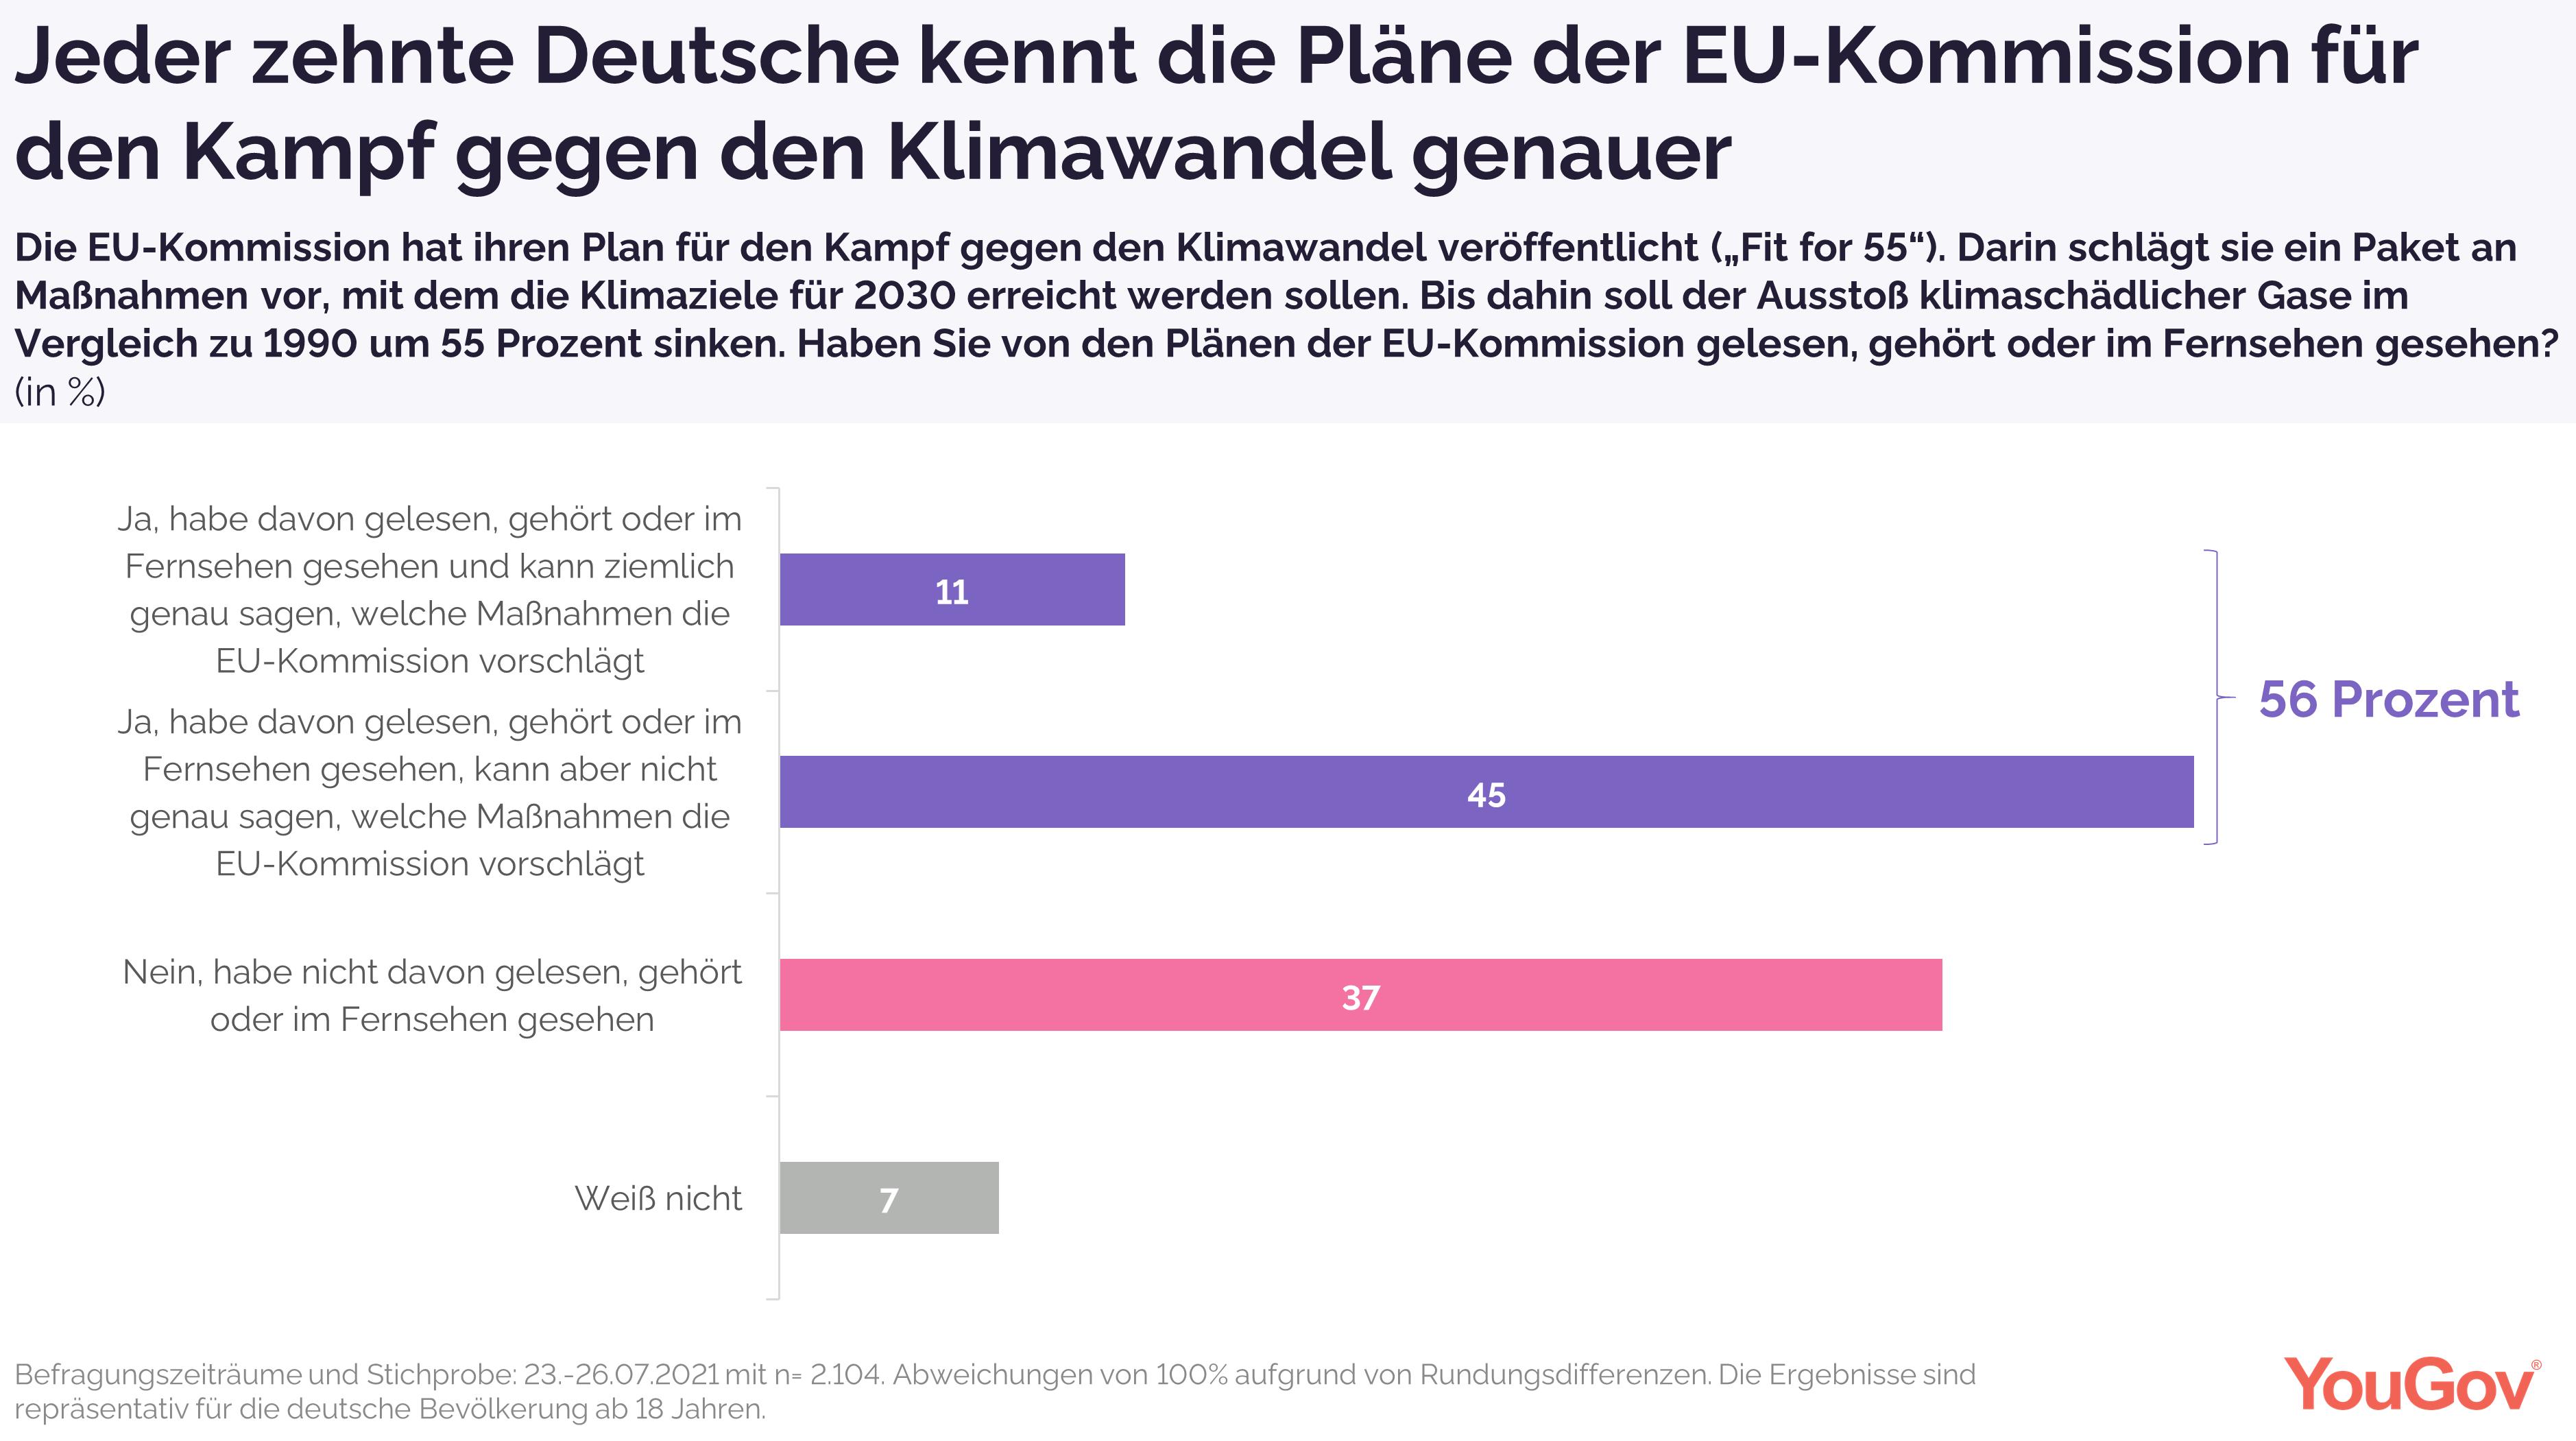 Minderheit kennt Pläne der EU-Kommission gut